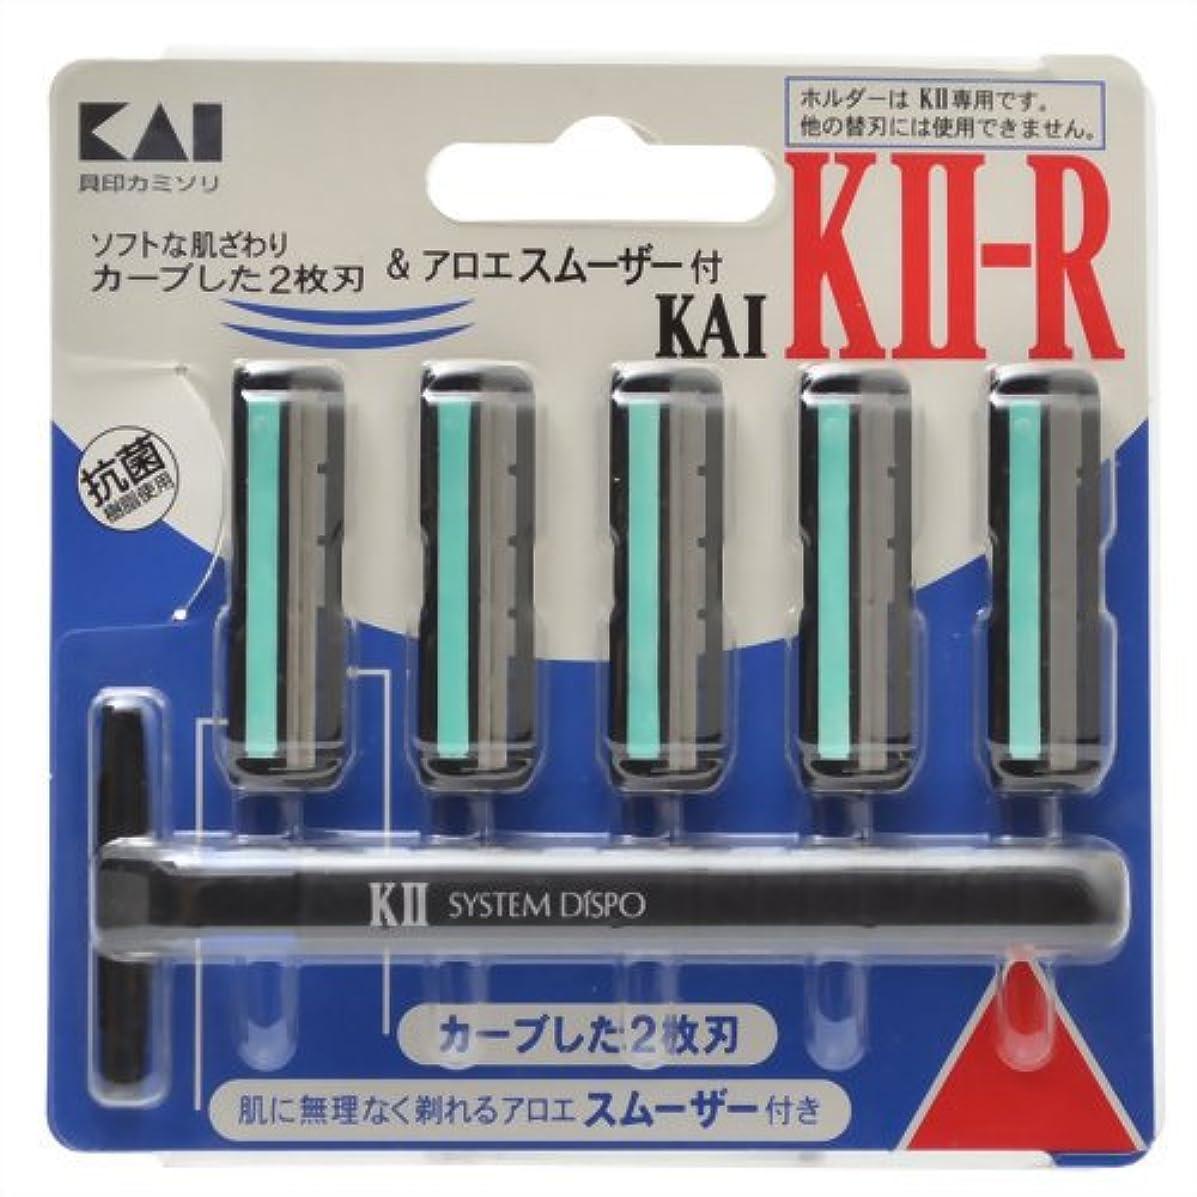 収入リークハードリング貝印 KAI KII-R ひげそり用カミソリ アロエスムーザー付